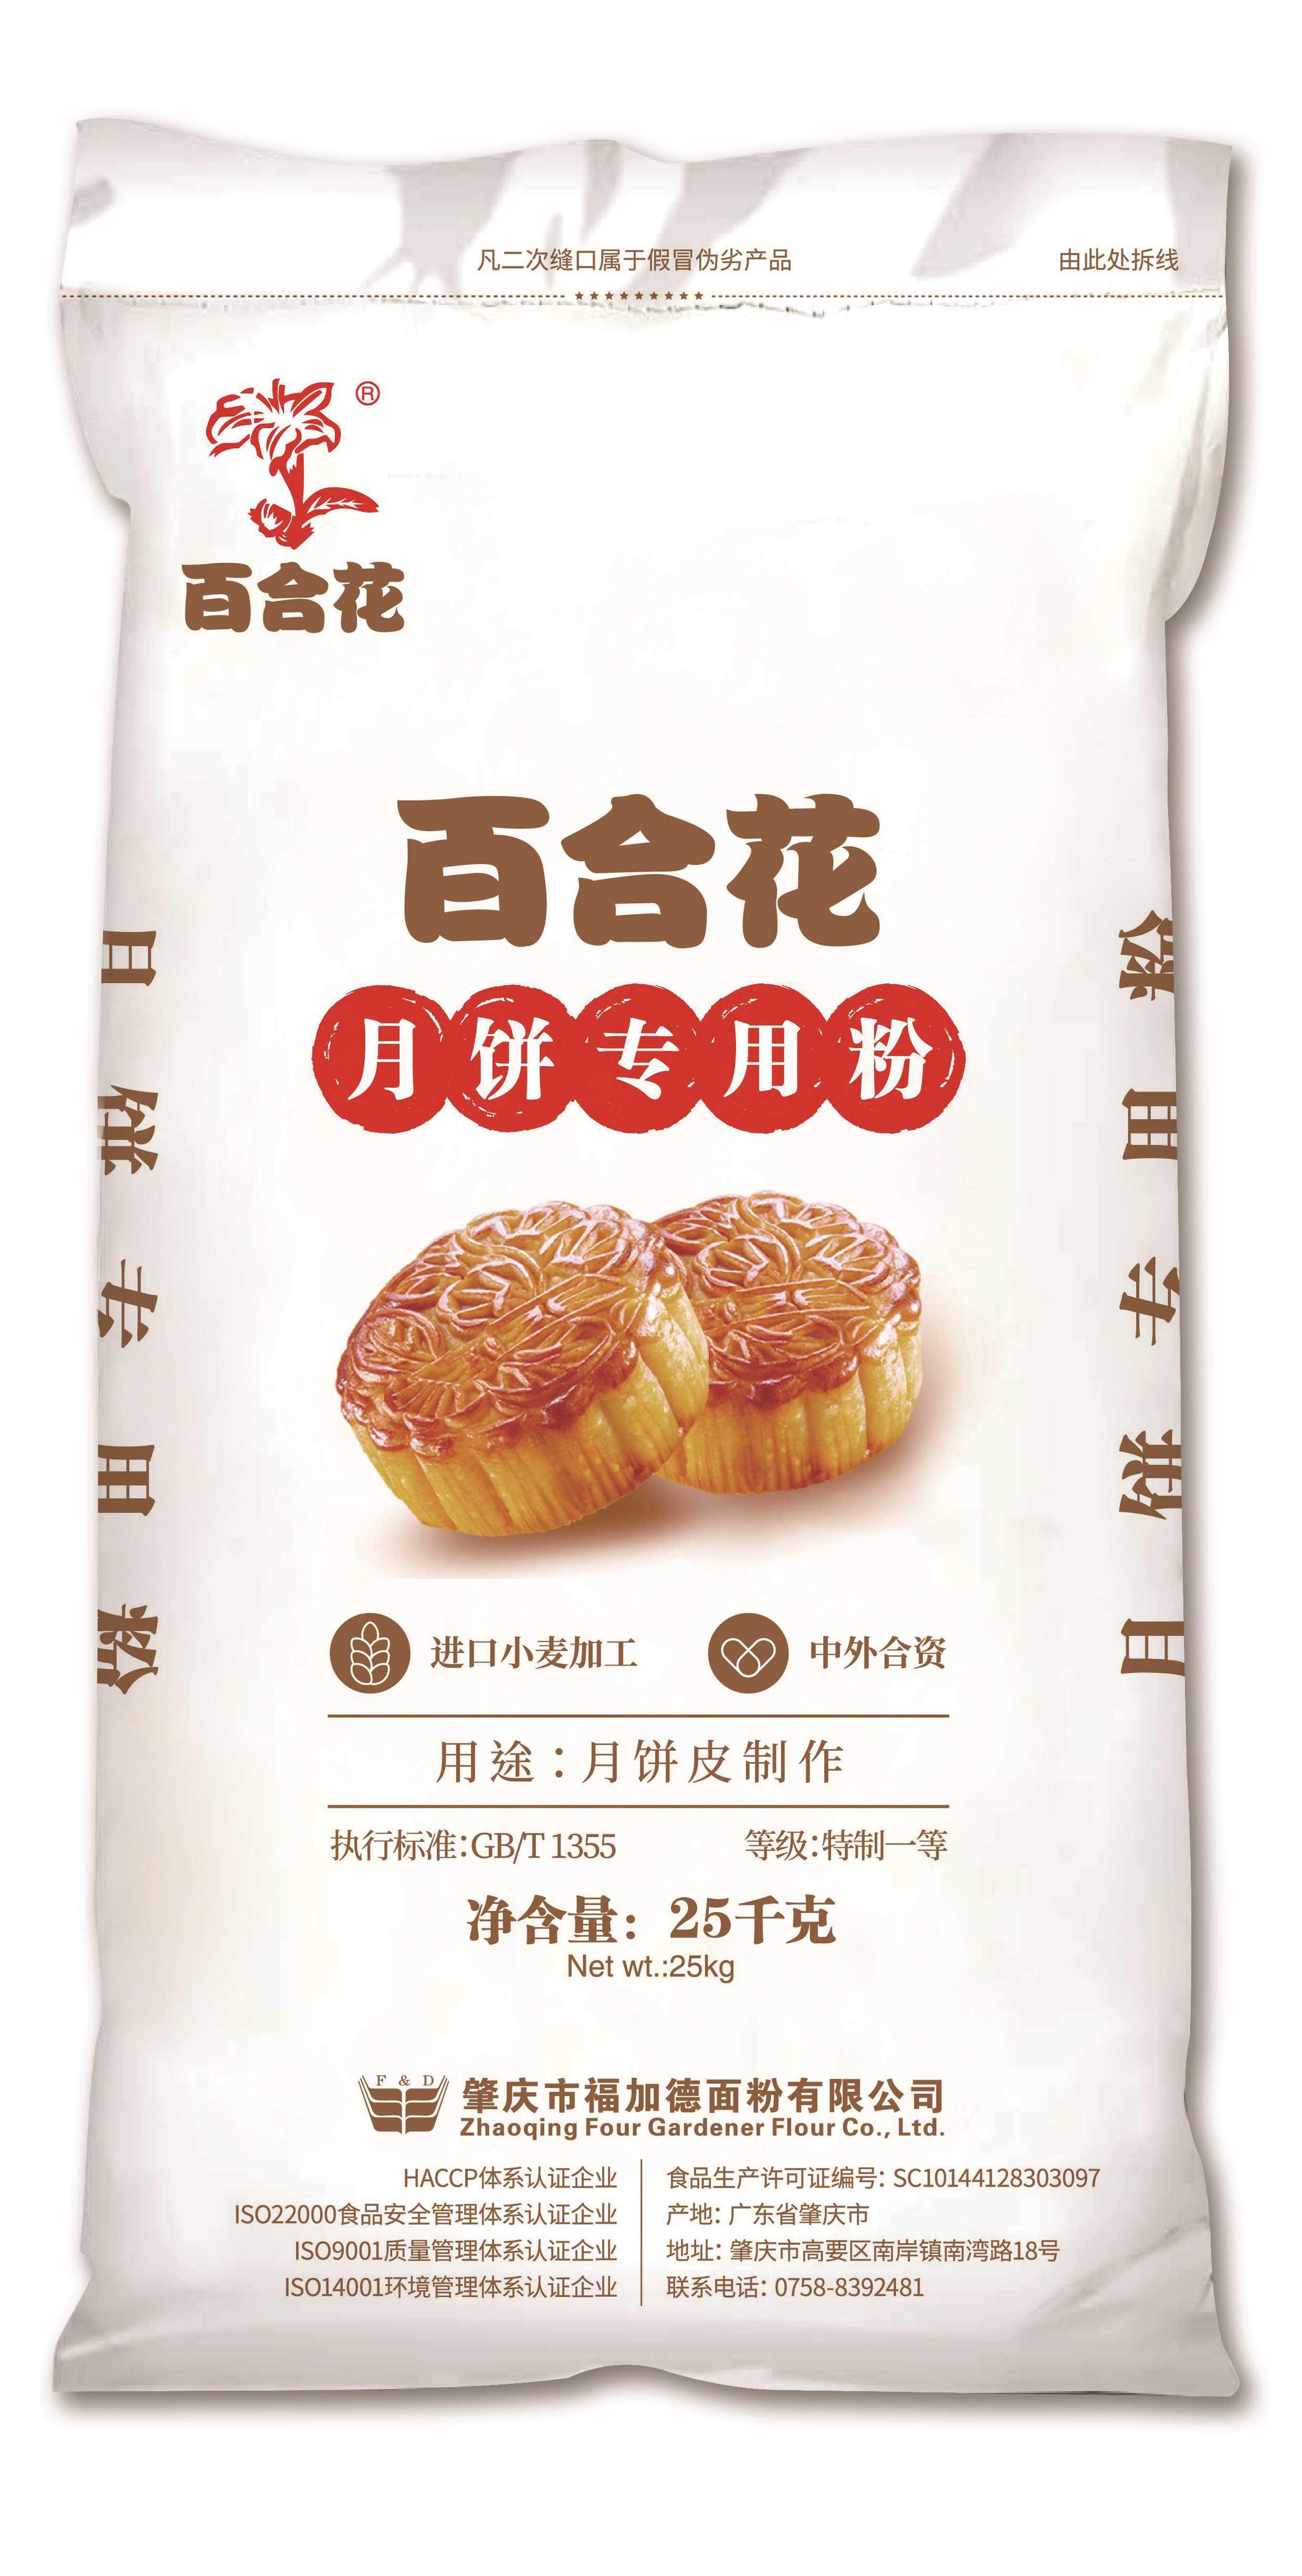 31-百合花月餅粉彩印編織袋25kg